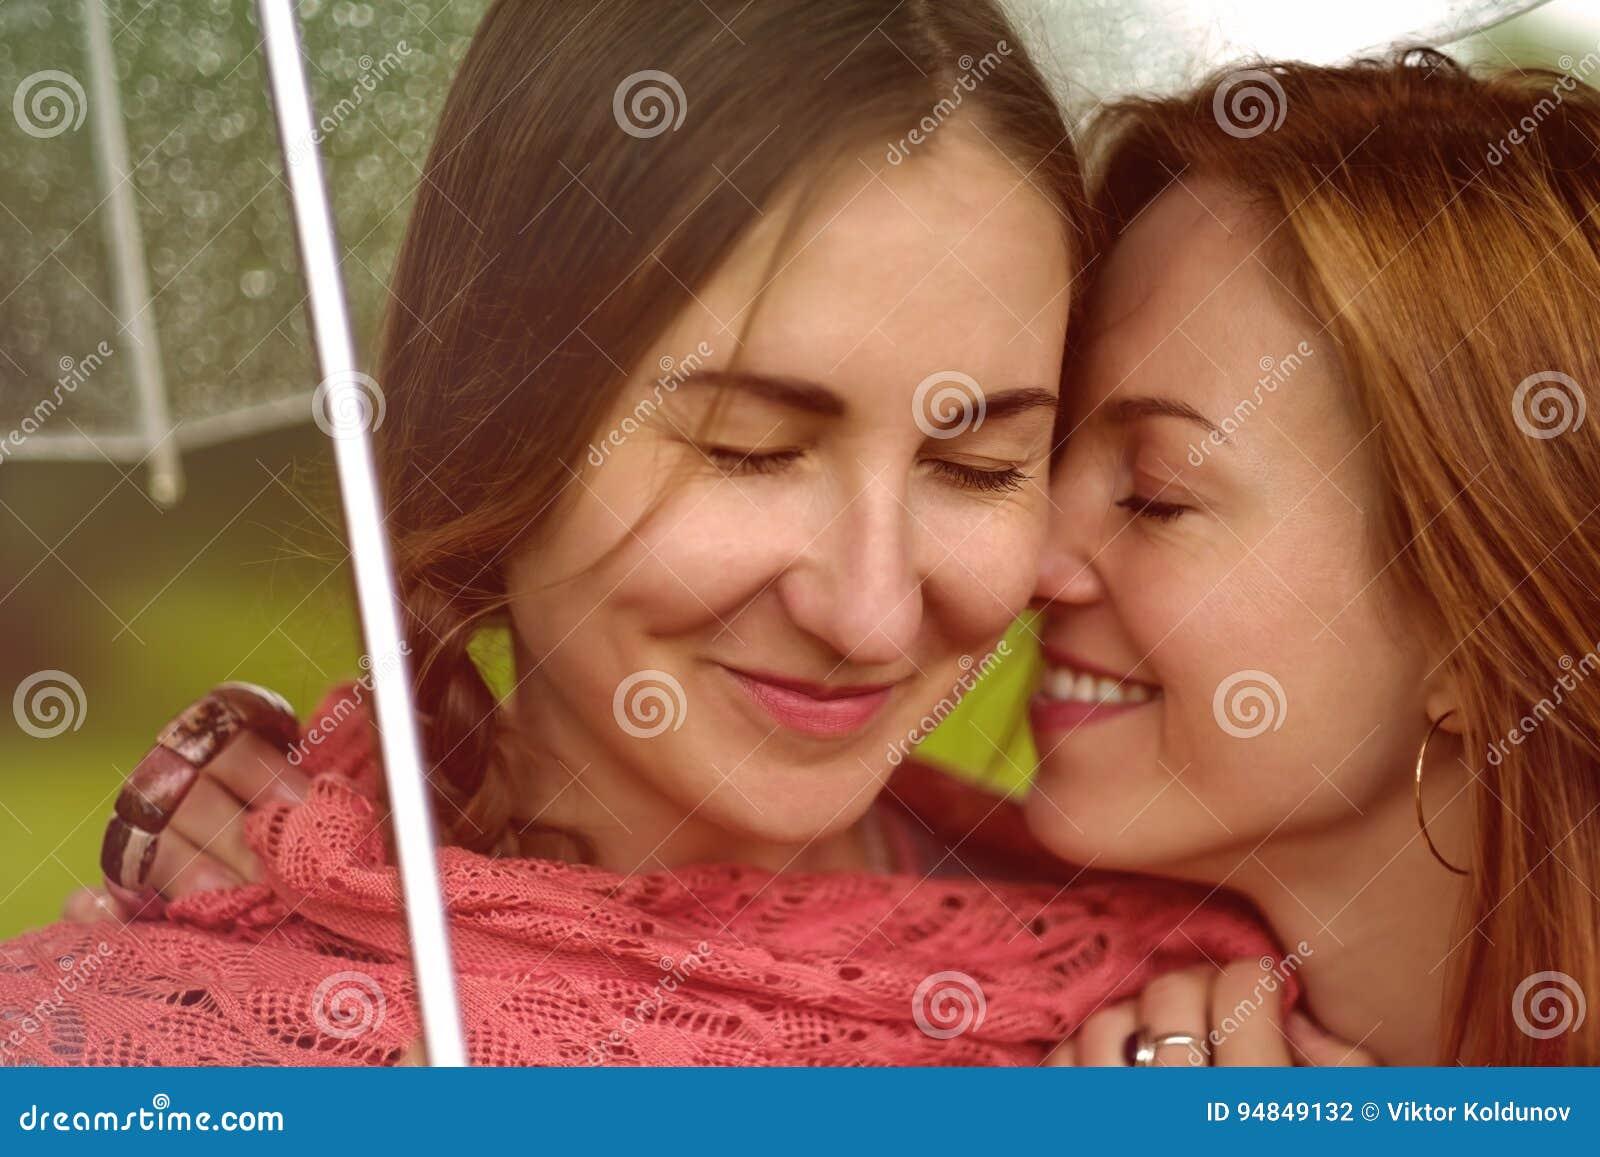 1a5b60b05632 Dos Mujeres Hermosas Jovenes Secretas En El Verano Ponen Verde El ...